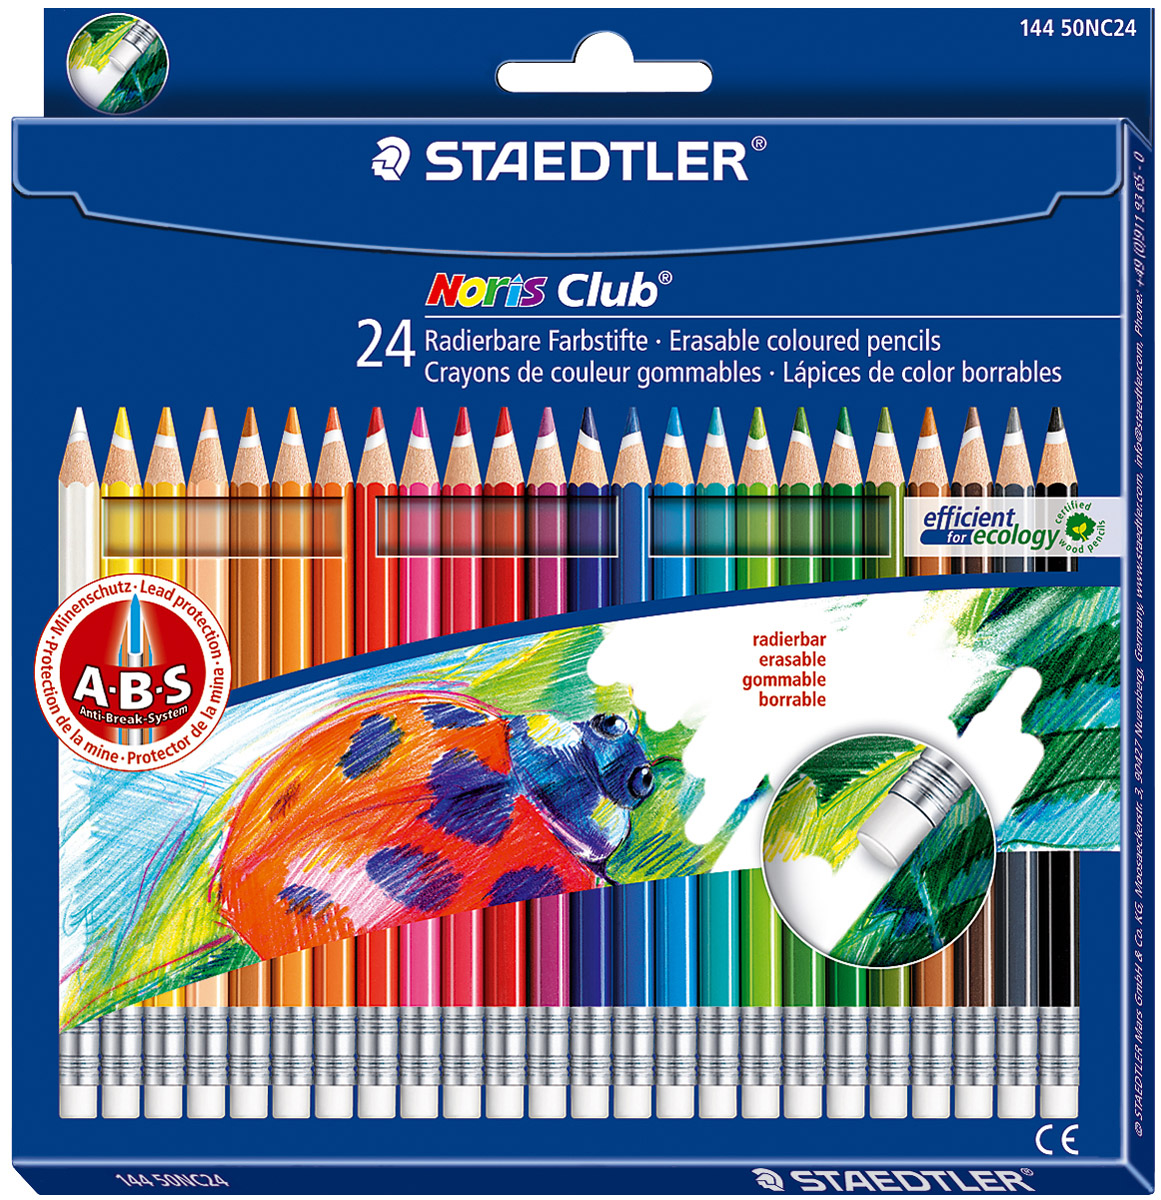 Staedtler Набор цветных карандашей Noris Club 24 шт карандаши bruno visconti набор карандашей цветных disney белоснежка 6 цветов